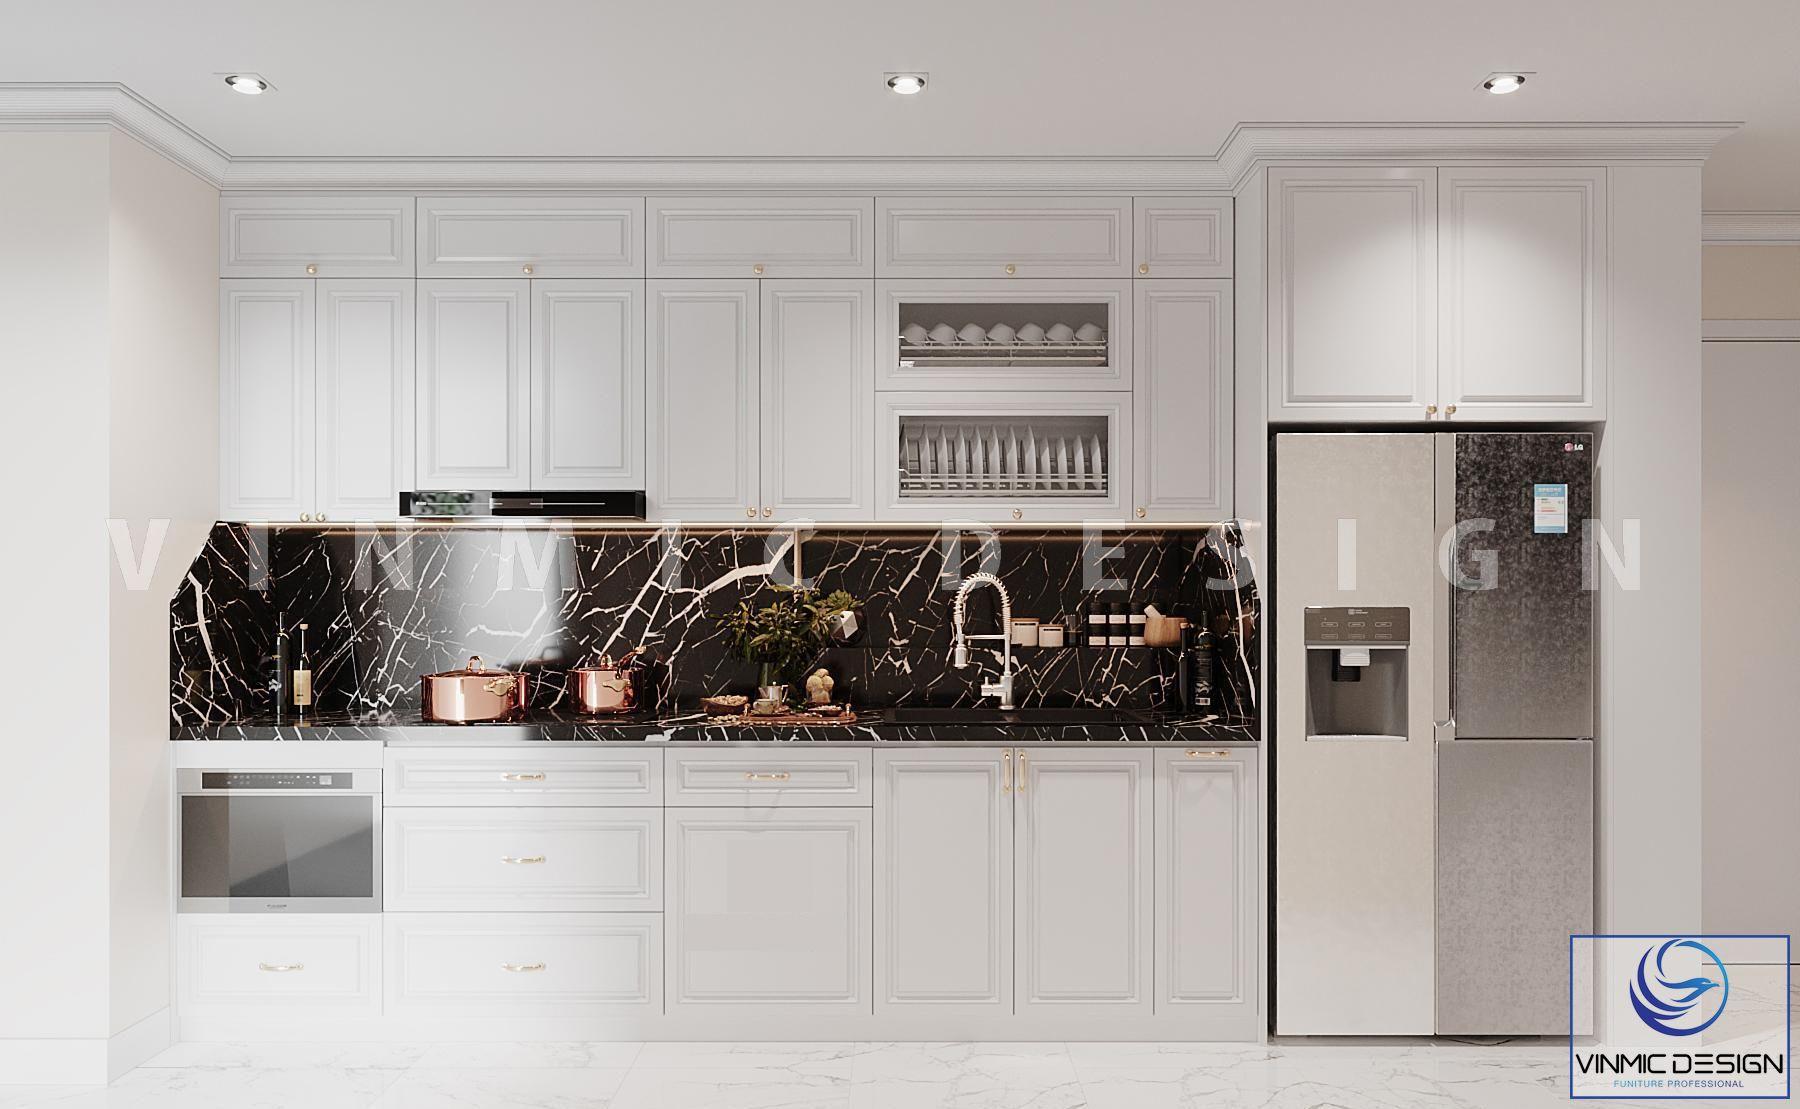 Tủ bếp với tone màu trắng trang nhã với mẫu thiết kế nội thất phong cách tân cổ điển cho chung cư